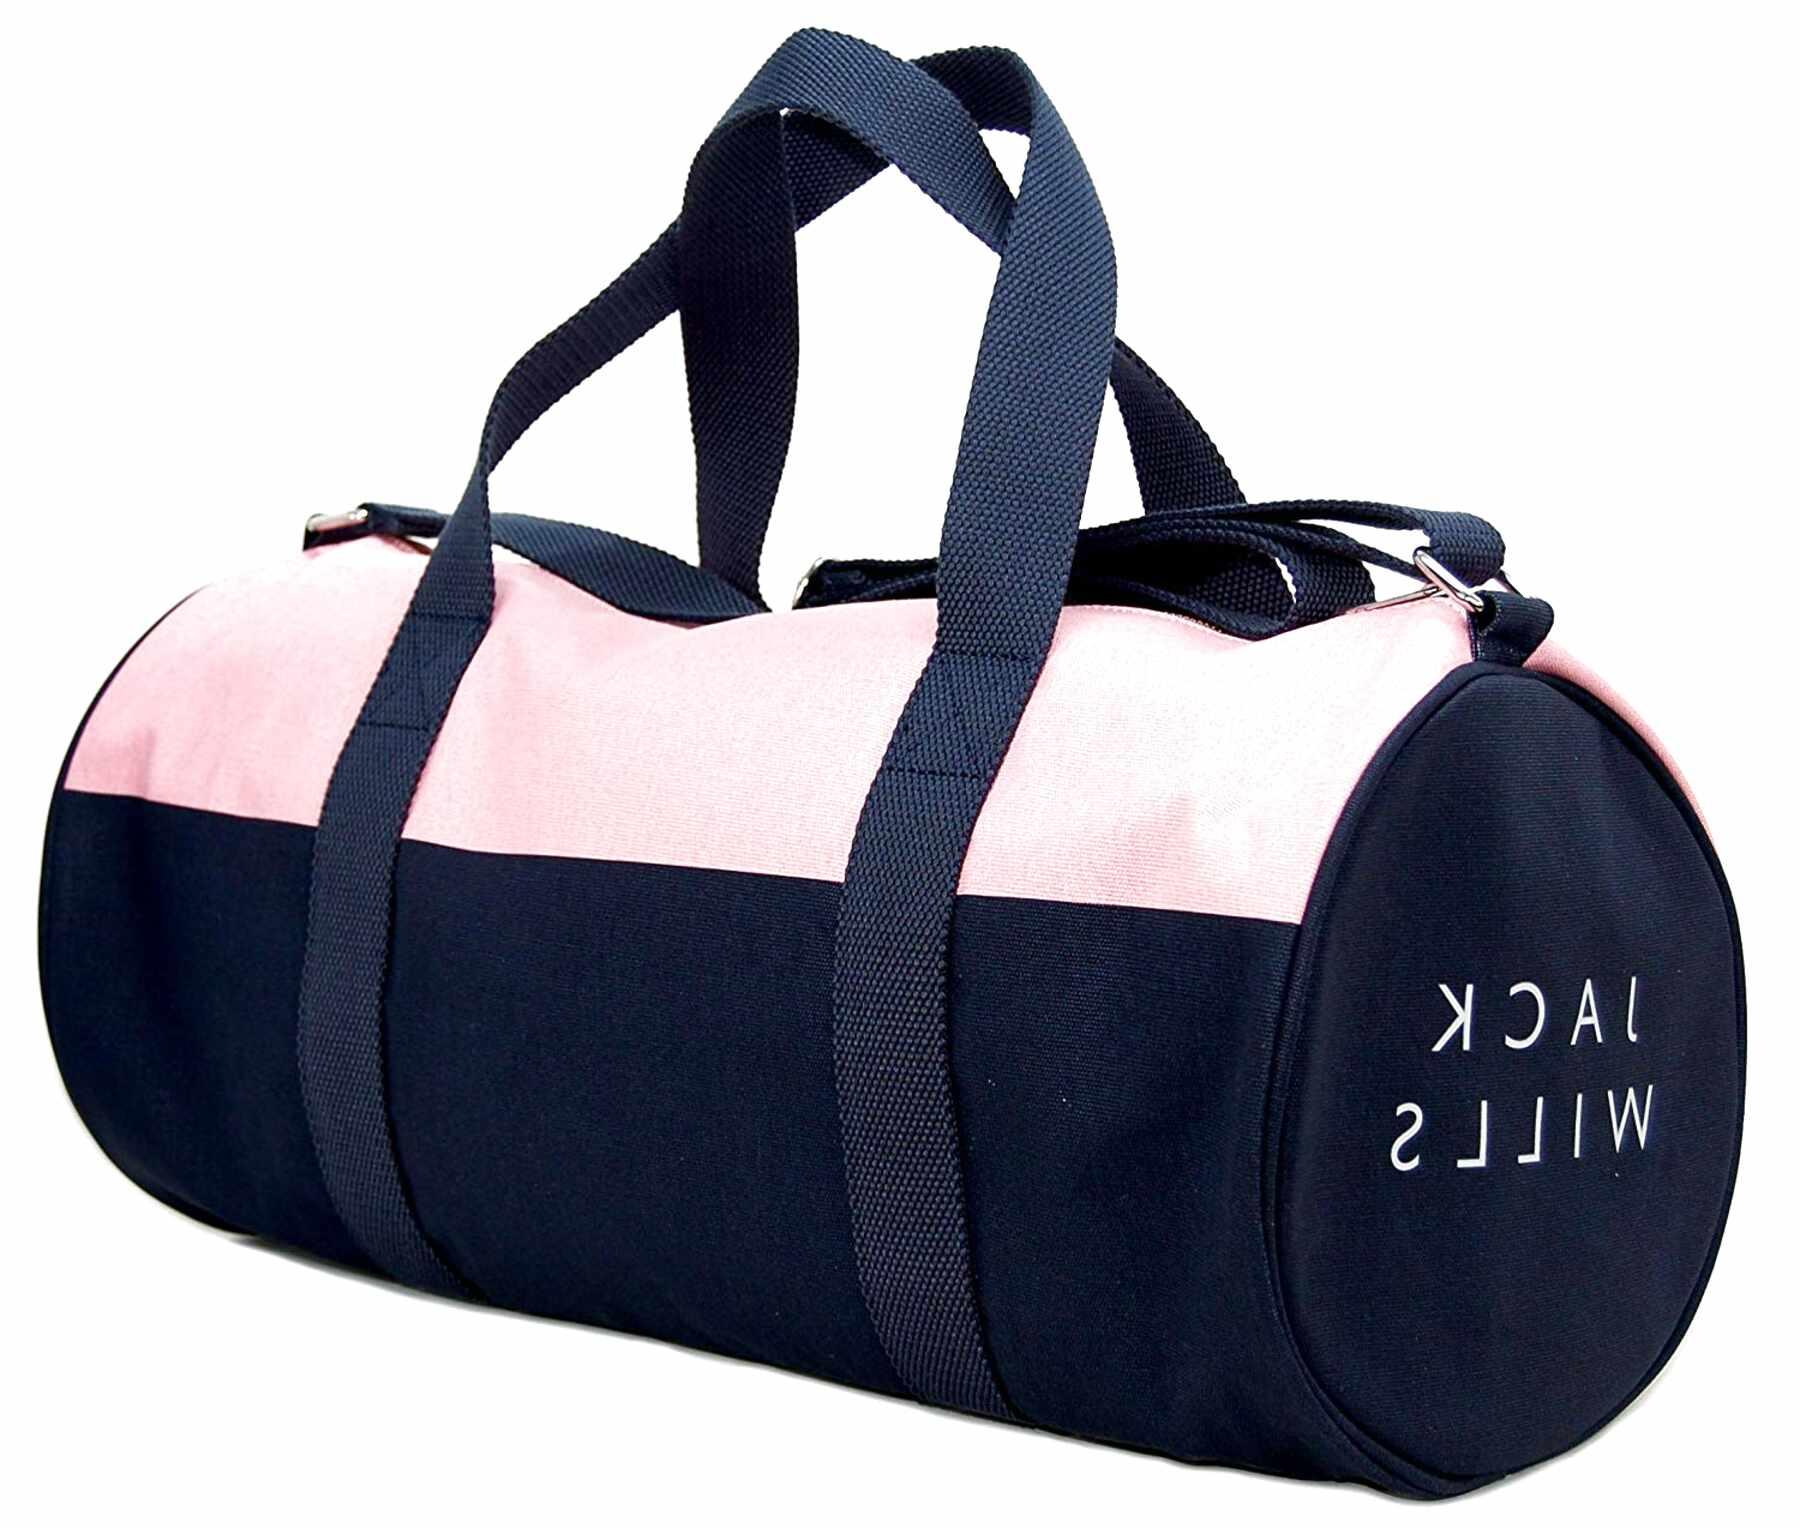 jack wills gym bag for sale